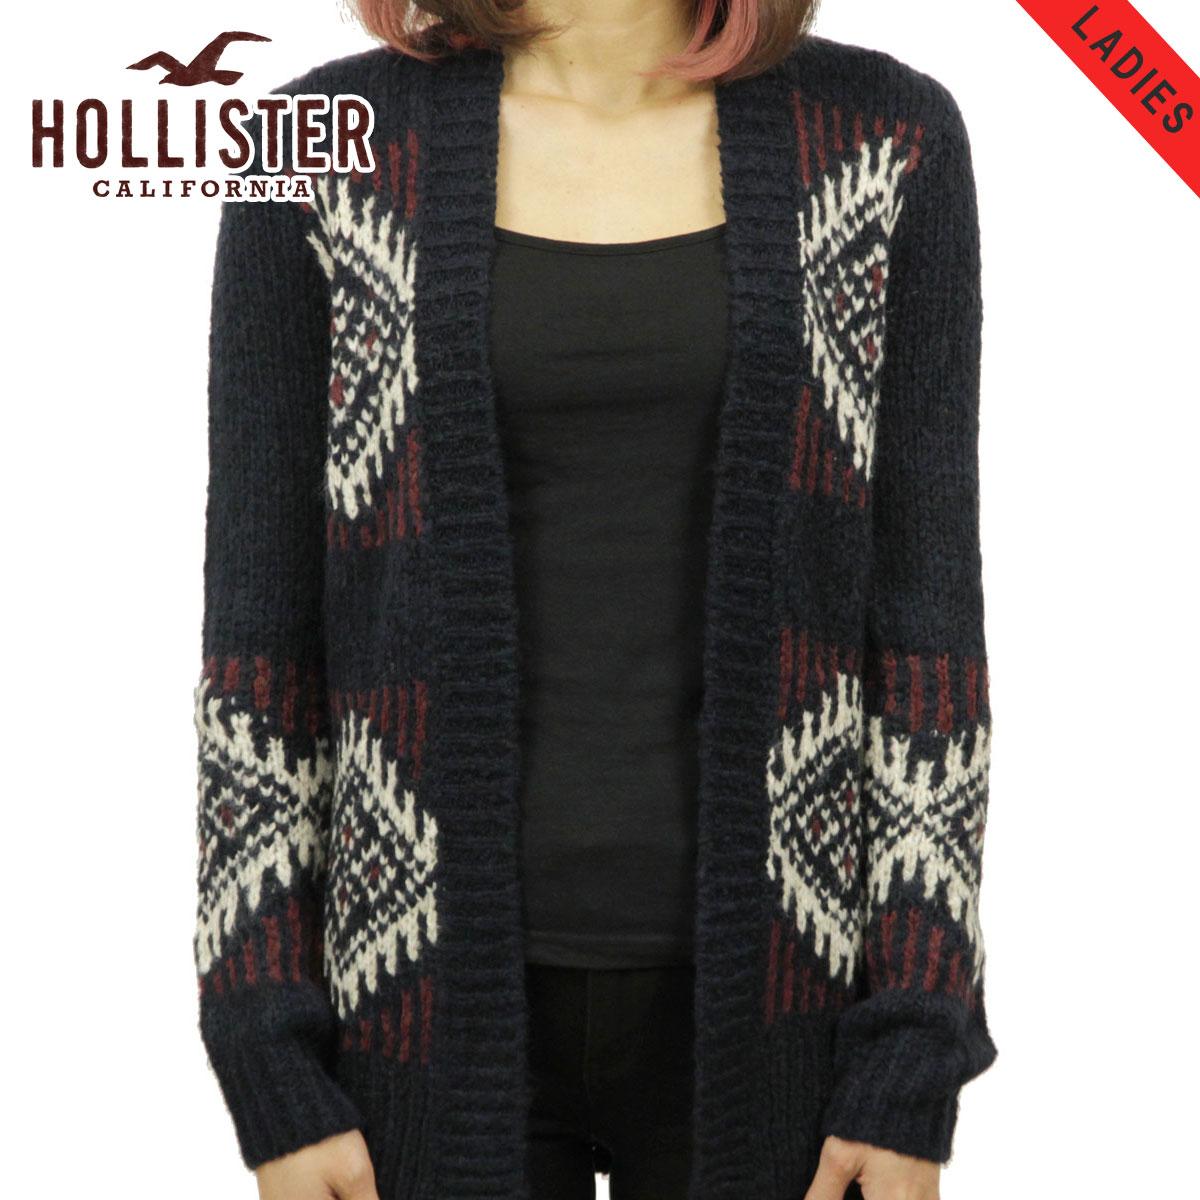 ホリスター セーター レディース 正規品 HOLLISTER カーディガン Cable Knit Cardigan 350-508-0538-208